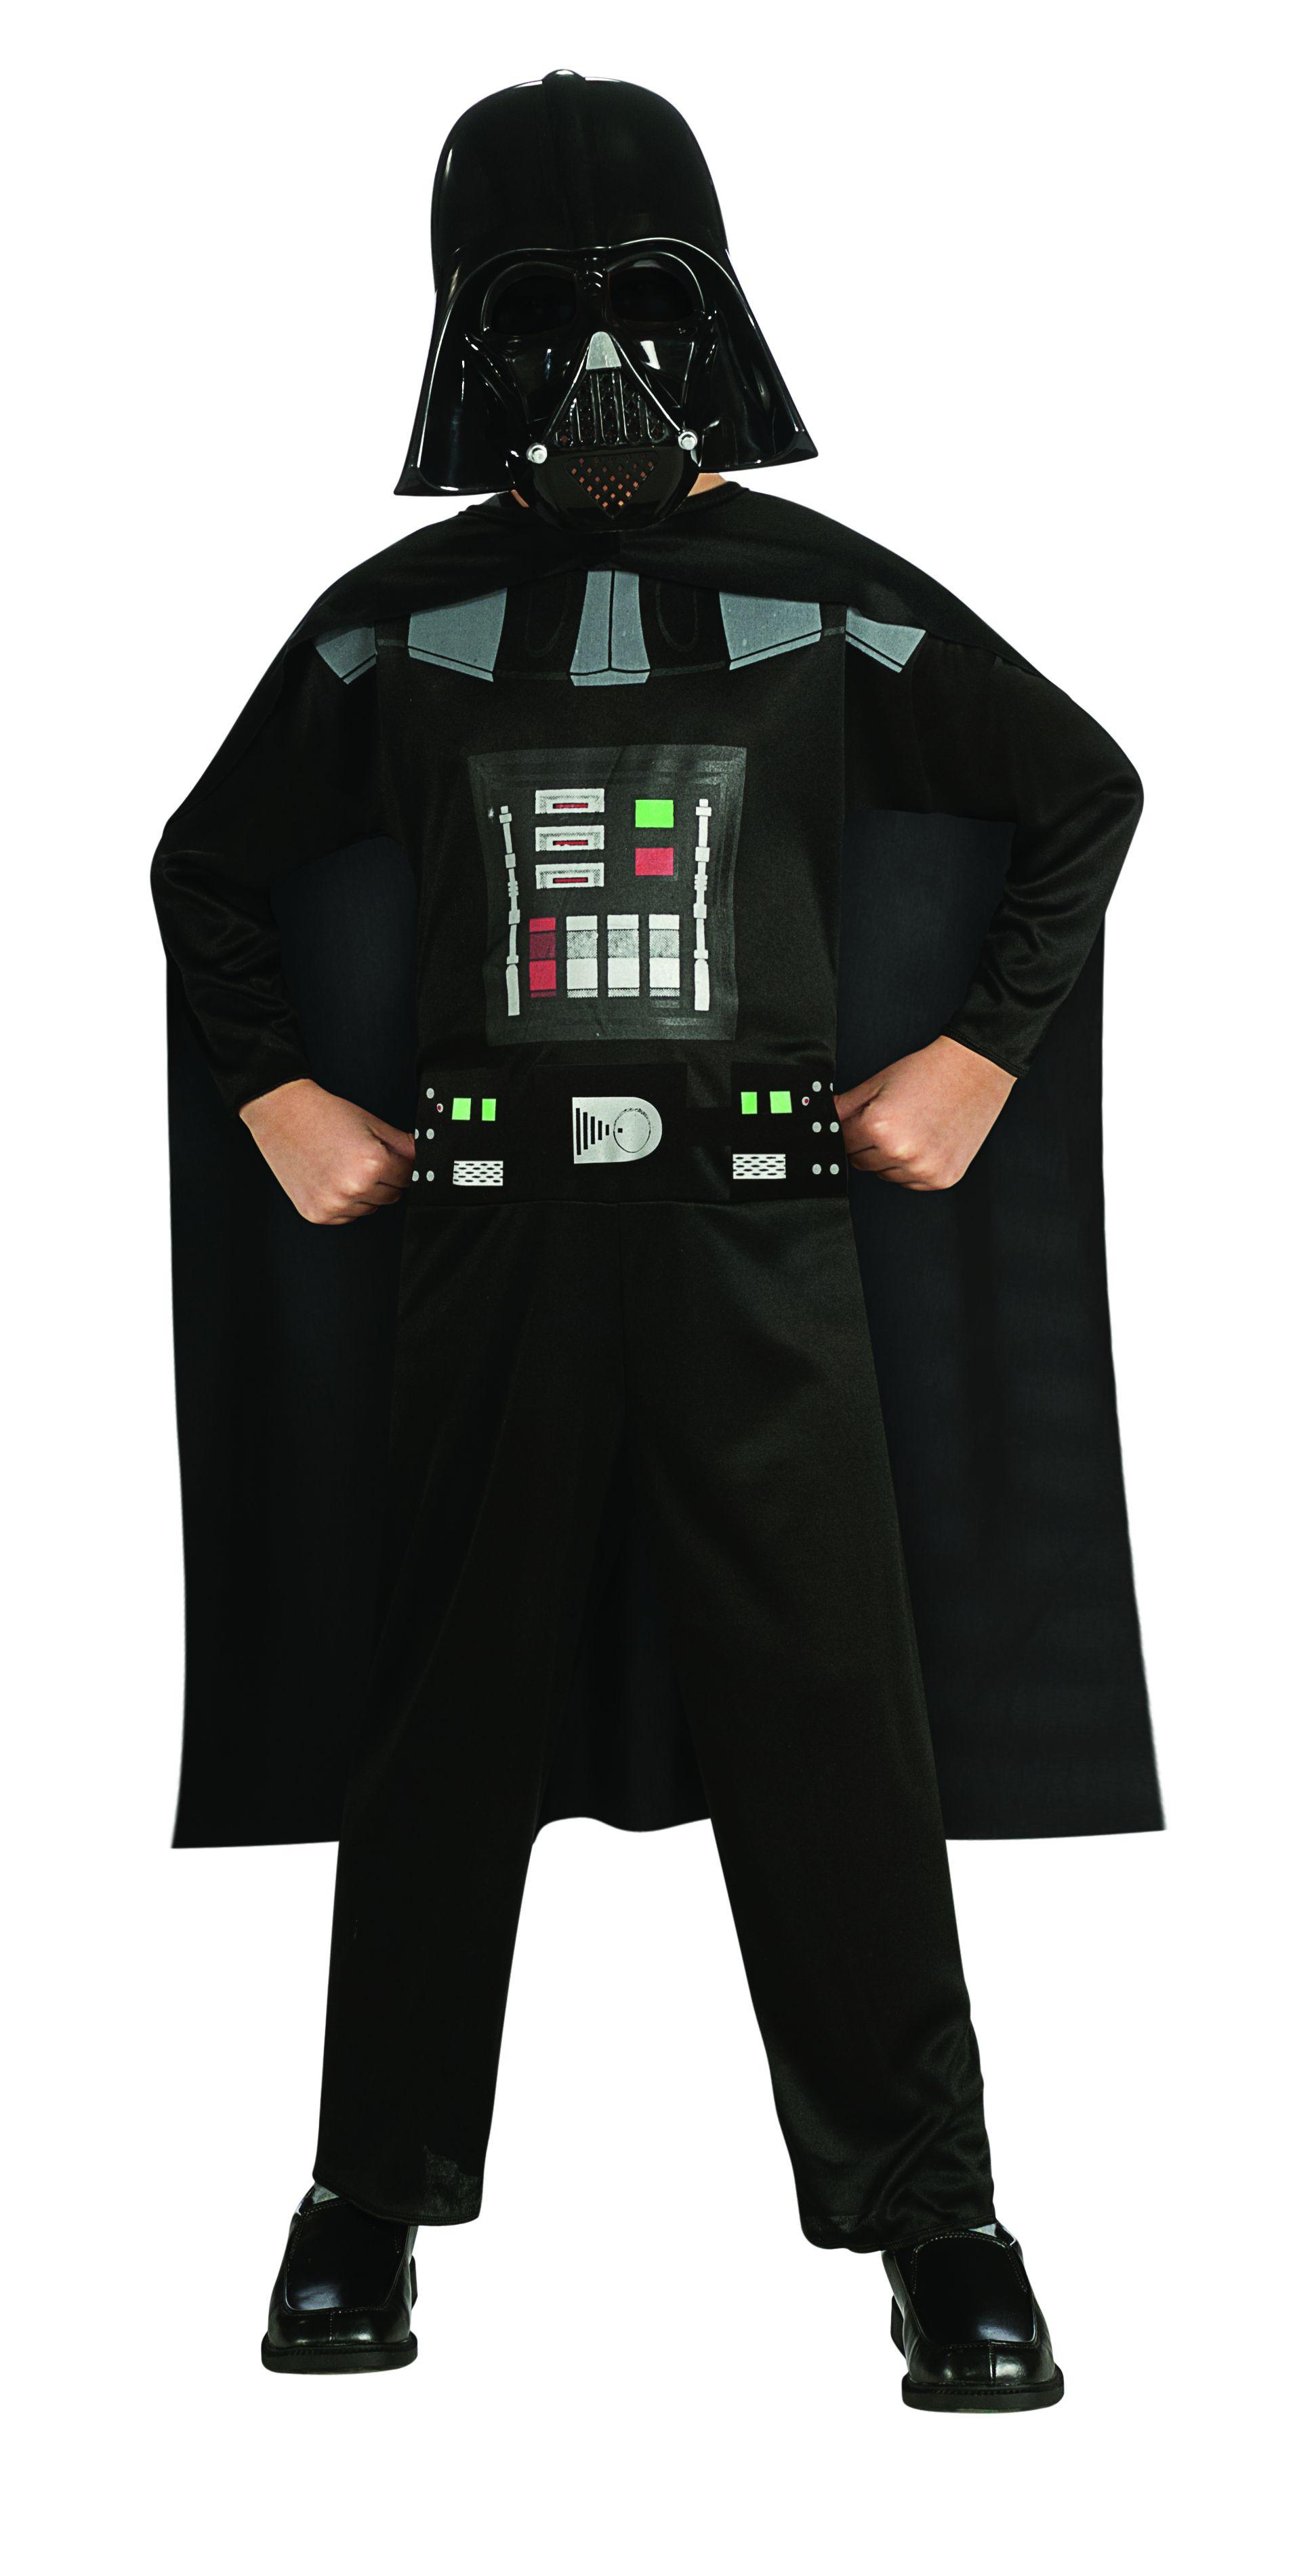 Darth Vader Code 7440 Scalliwags